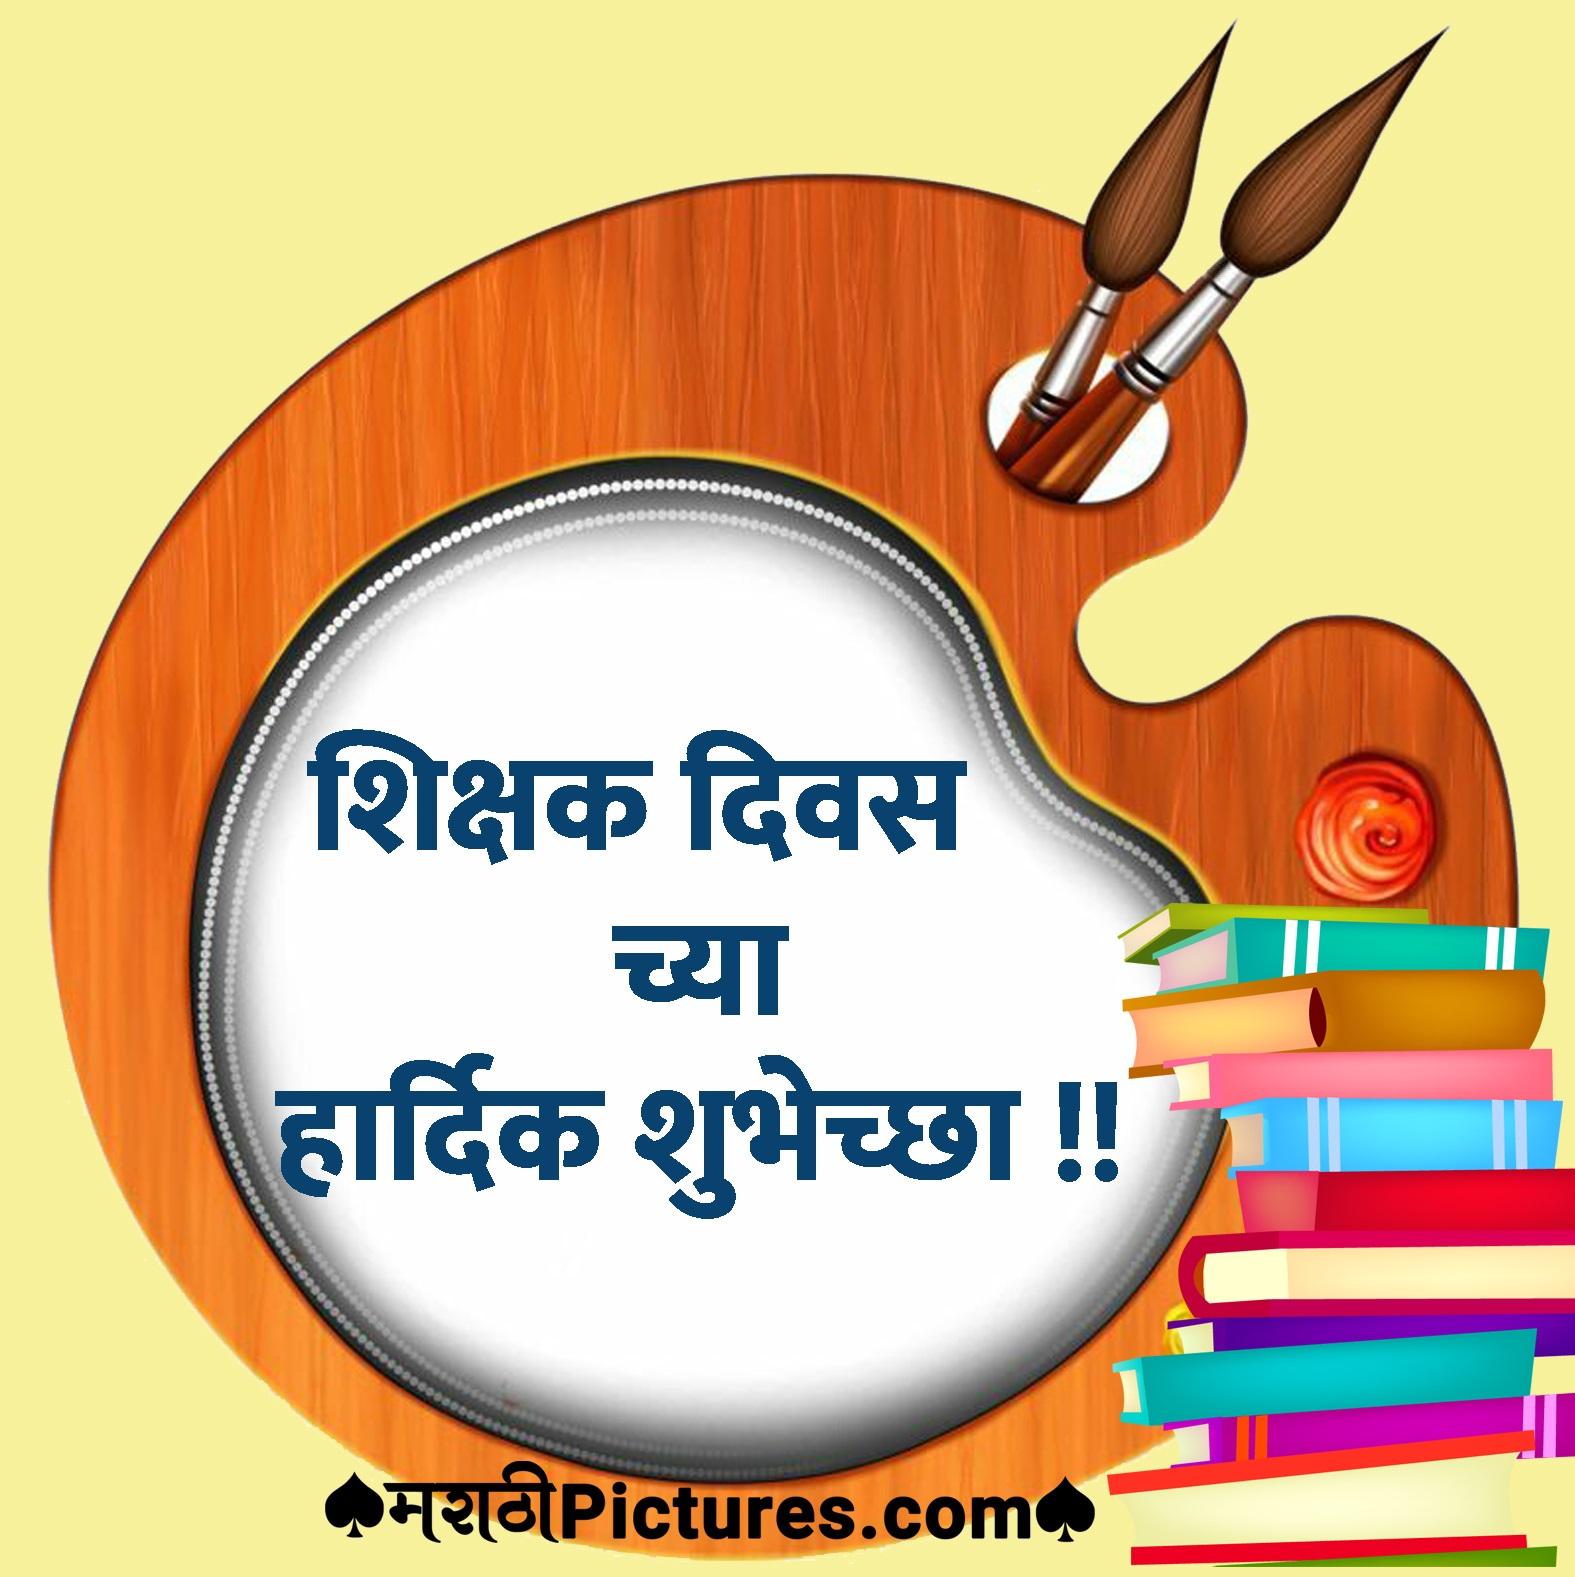 Shikshak Diwas Chya Hardik Shubhechha - Marathi Pictures ... Vadhdivas Chya Hardik Shubhechha